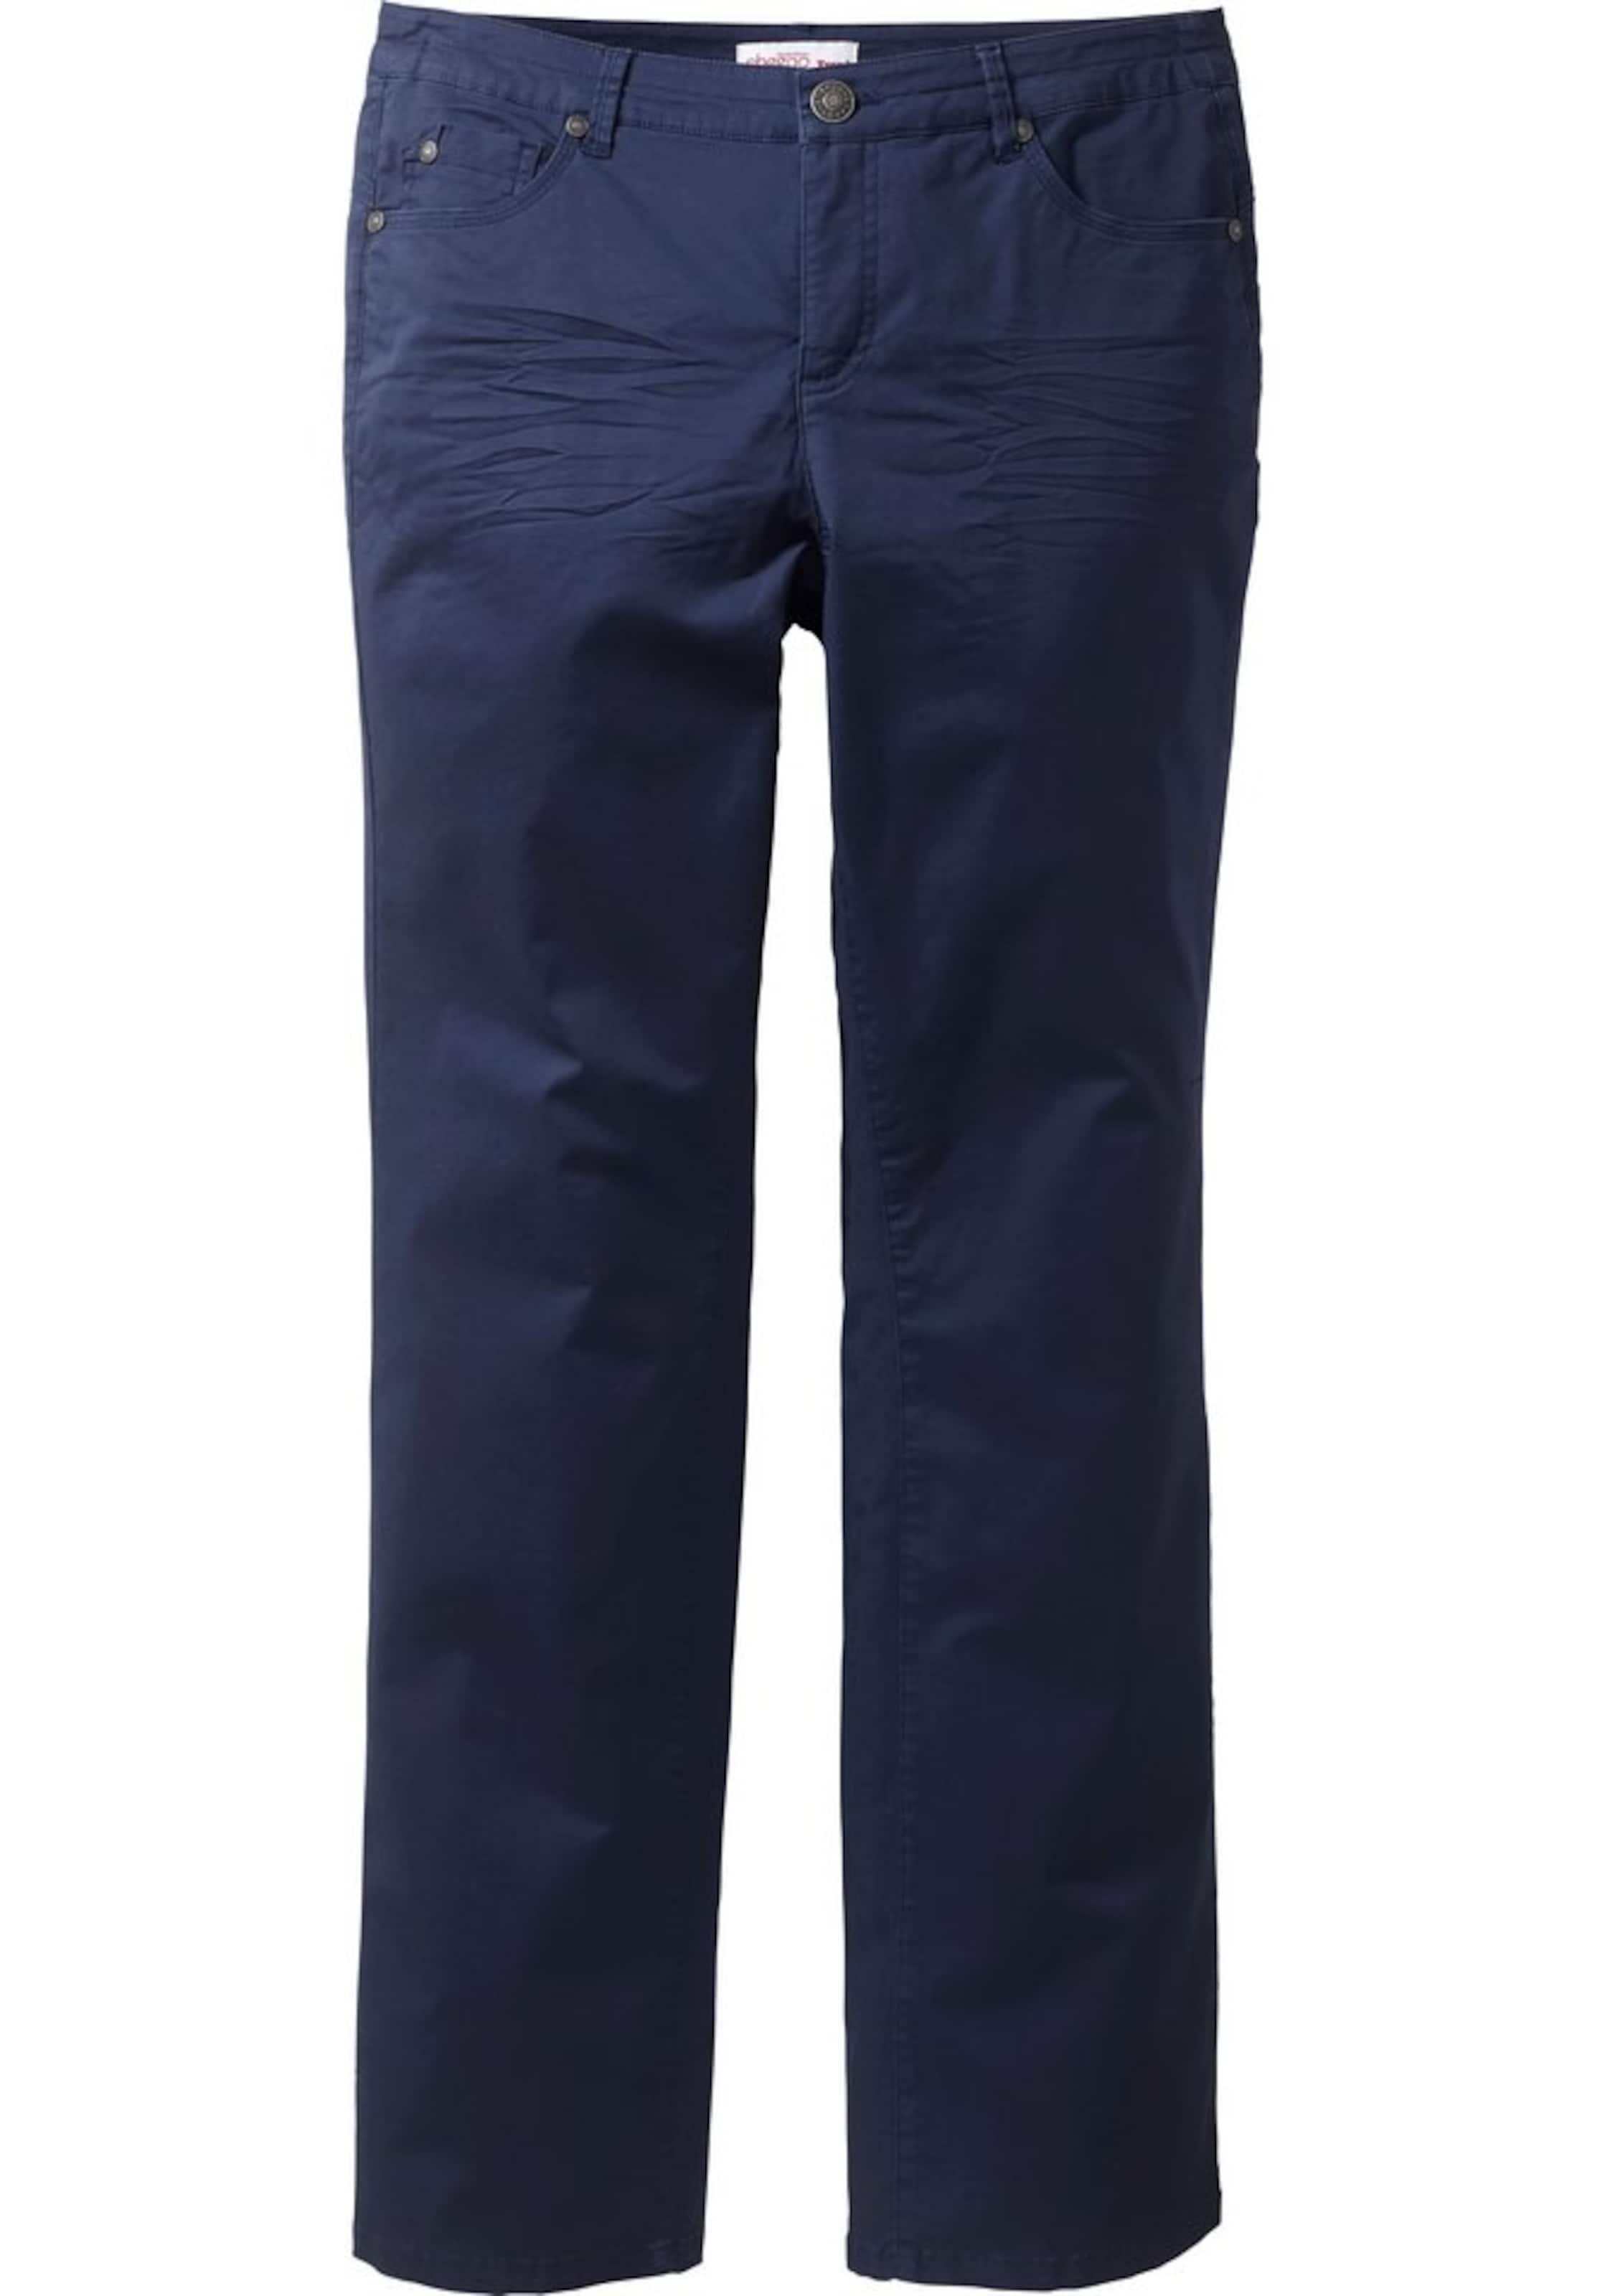 sheego casual 5-Pocket-Hose Footlocker Verkauf Brandneue Unisex Günstig Kaufen Manchester Top-Qualität Online Shop-Angebot Verkauf Online QpR3d